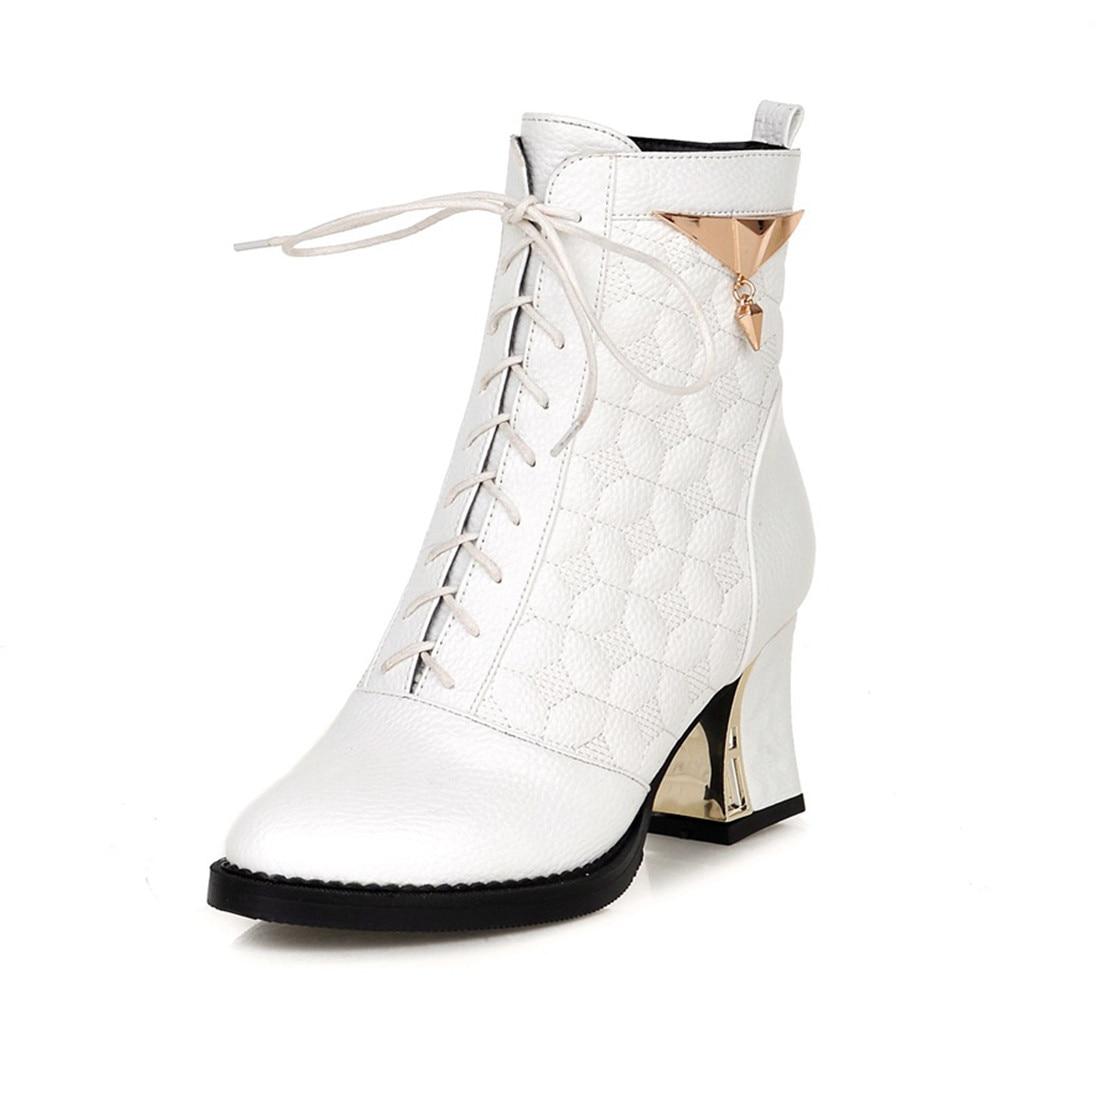 b4ba71ed873c8 Karinluna Con Cuadrados plata Caliente Venta 48 Tallas Cordones Metal Mujer  De Botas Decoración Negro Zapatos Tacones Altos blanco 34 Tobillo Para  Grandes ...